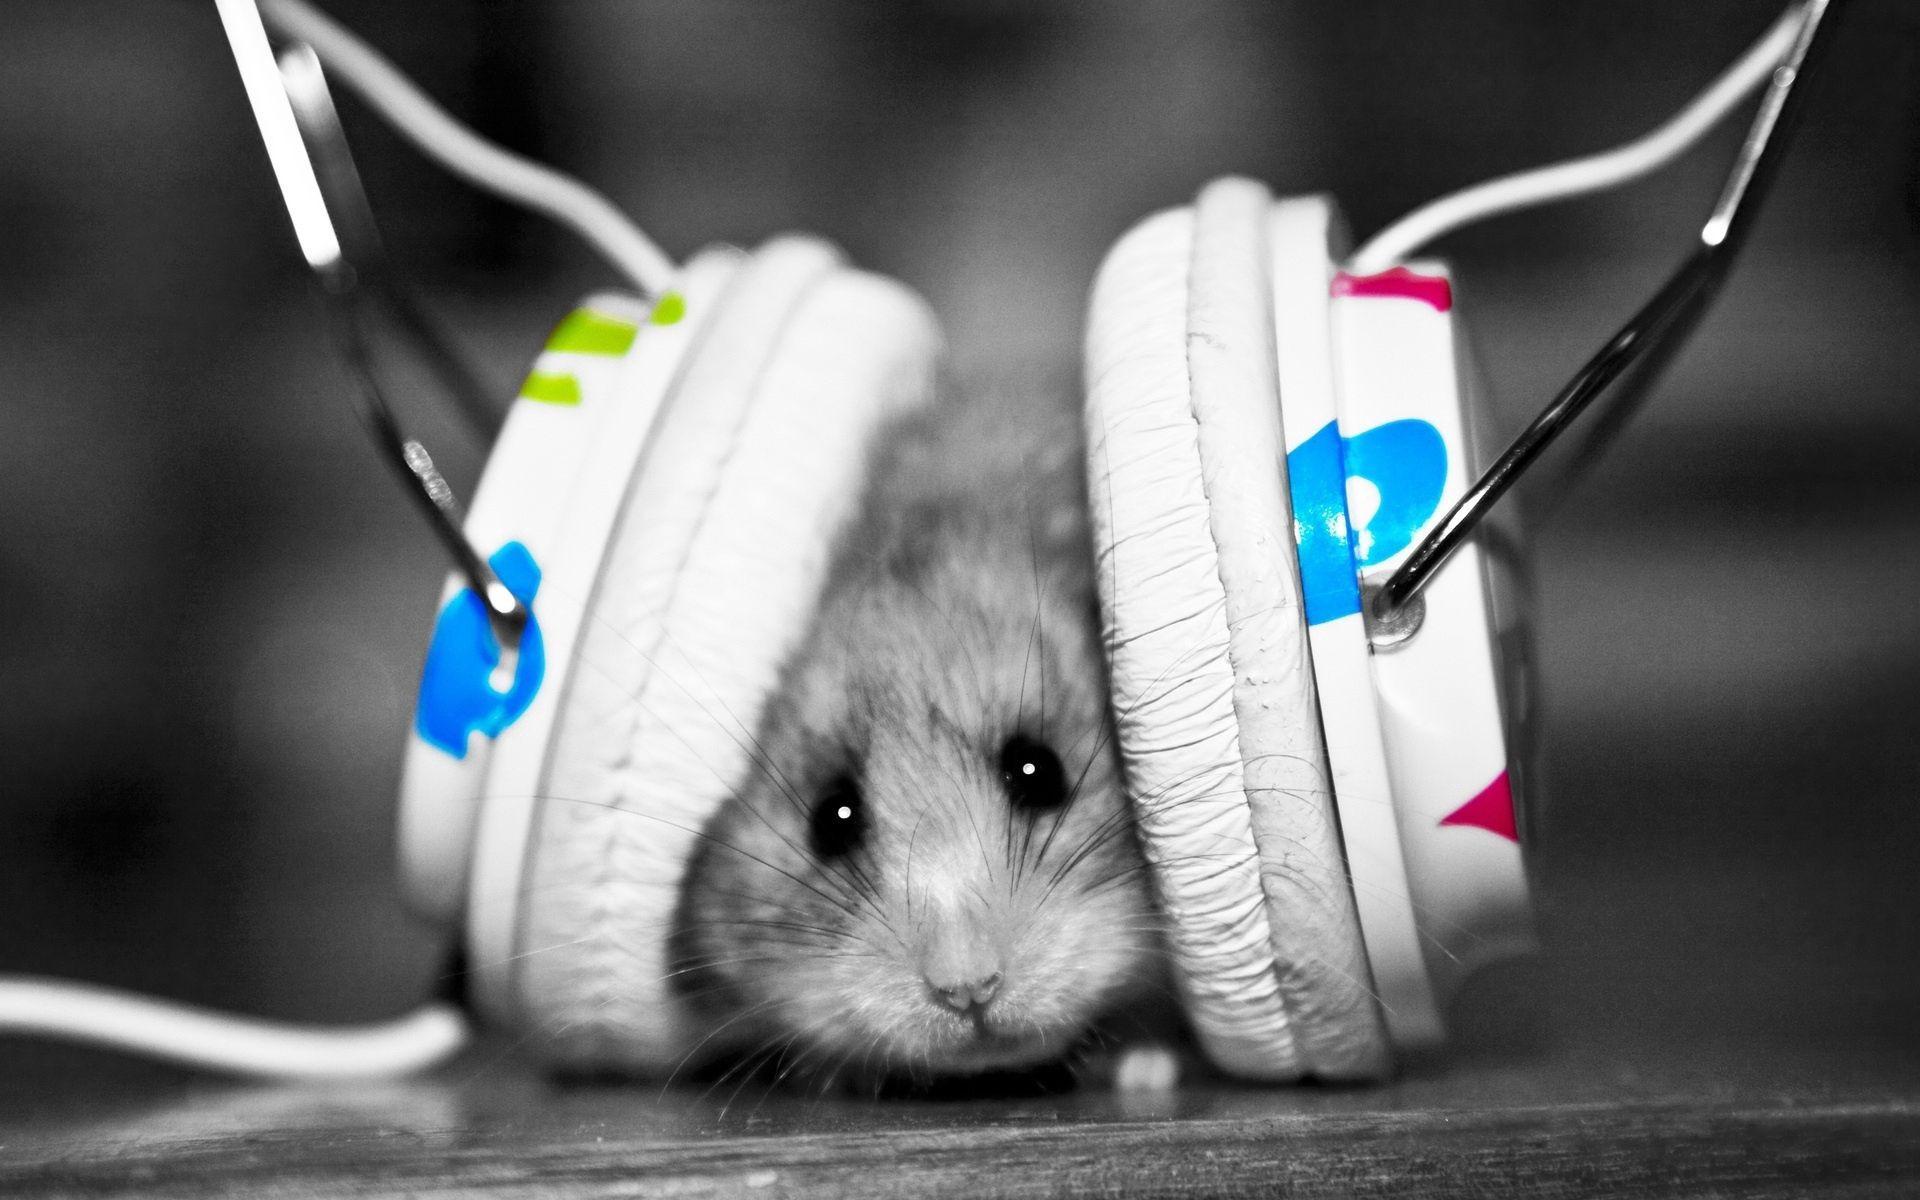 57889 Protetores de tela e papéis de parede Música em seu telefone. Baixe Animais, Piada, Amante Da Música, Pequeno, Hamster, Música fotos gratuitamente